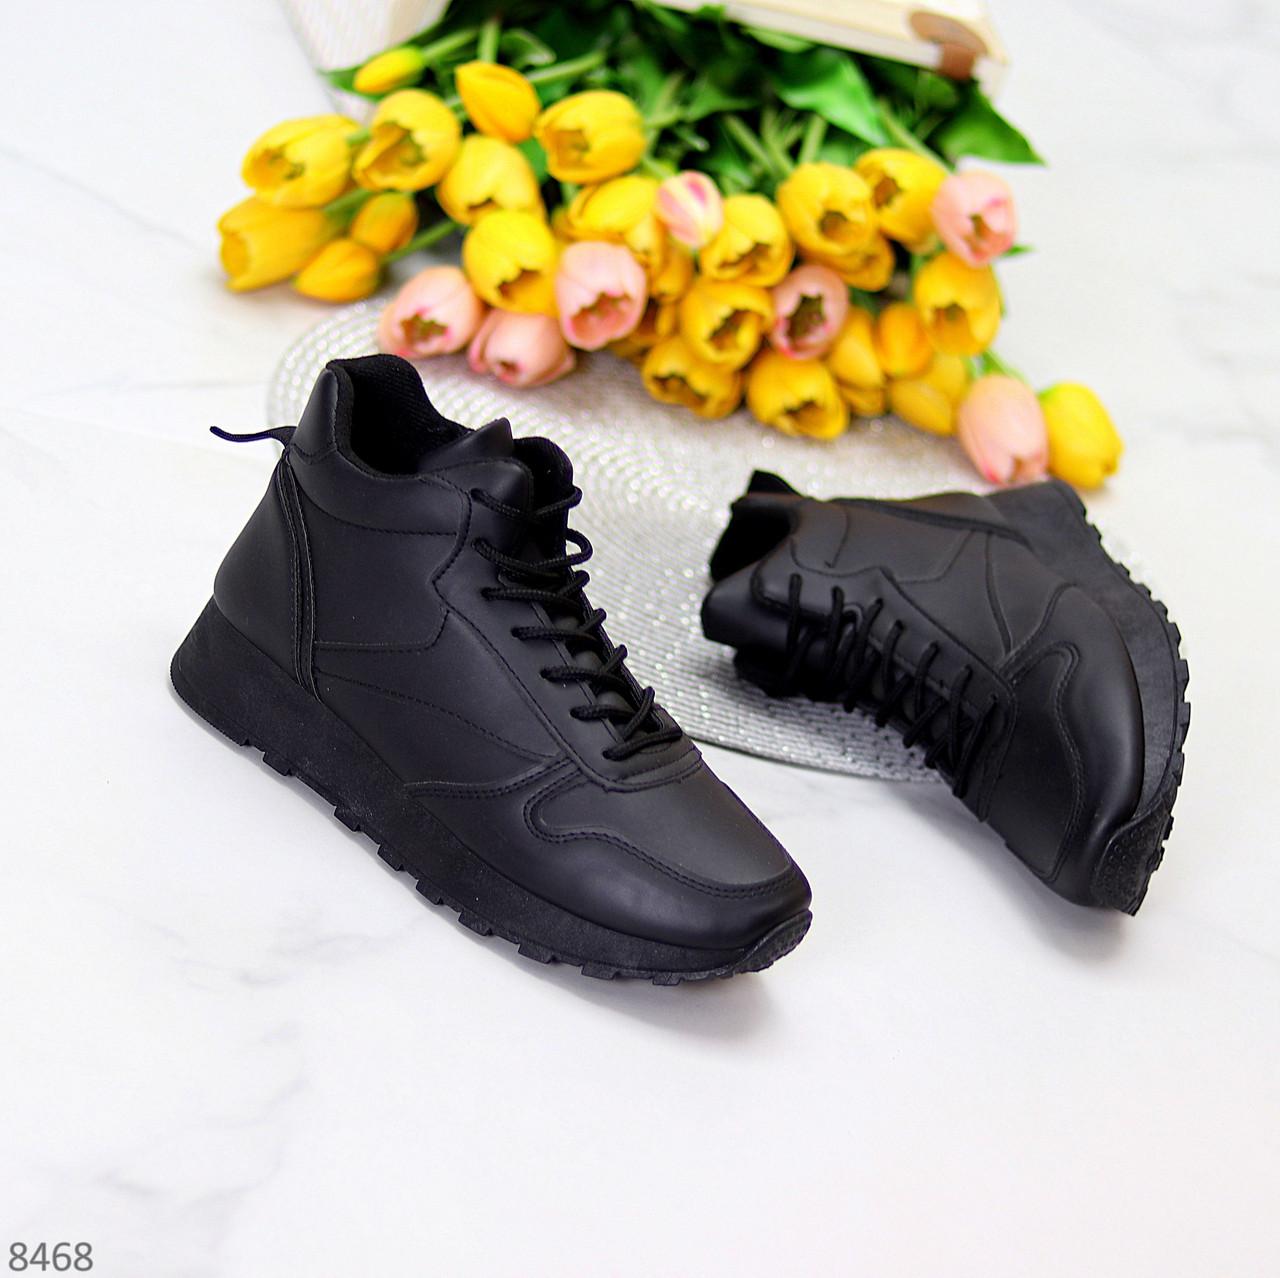 Універсальні високі чорні жіночі кросівки на флісі осінь 2021